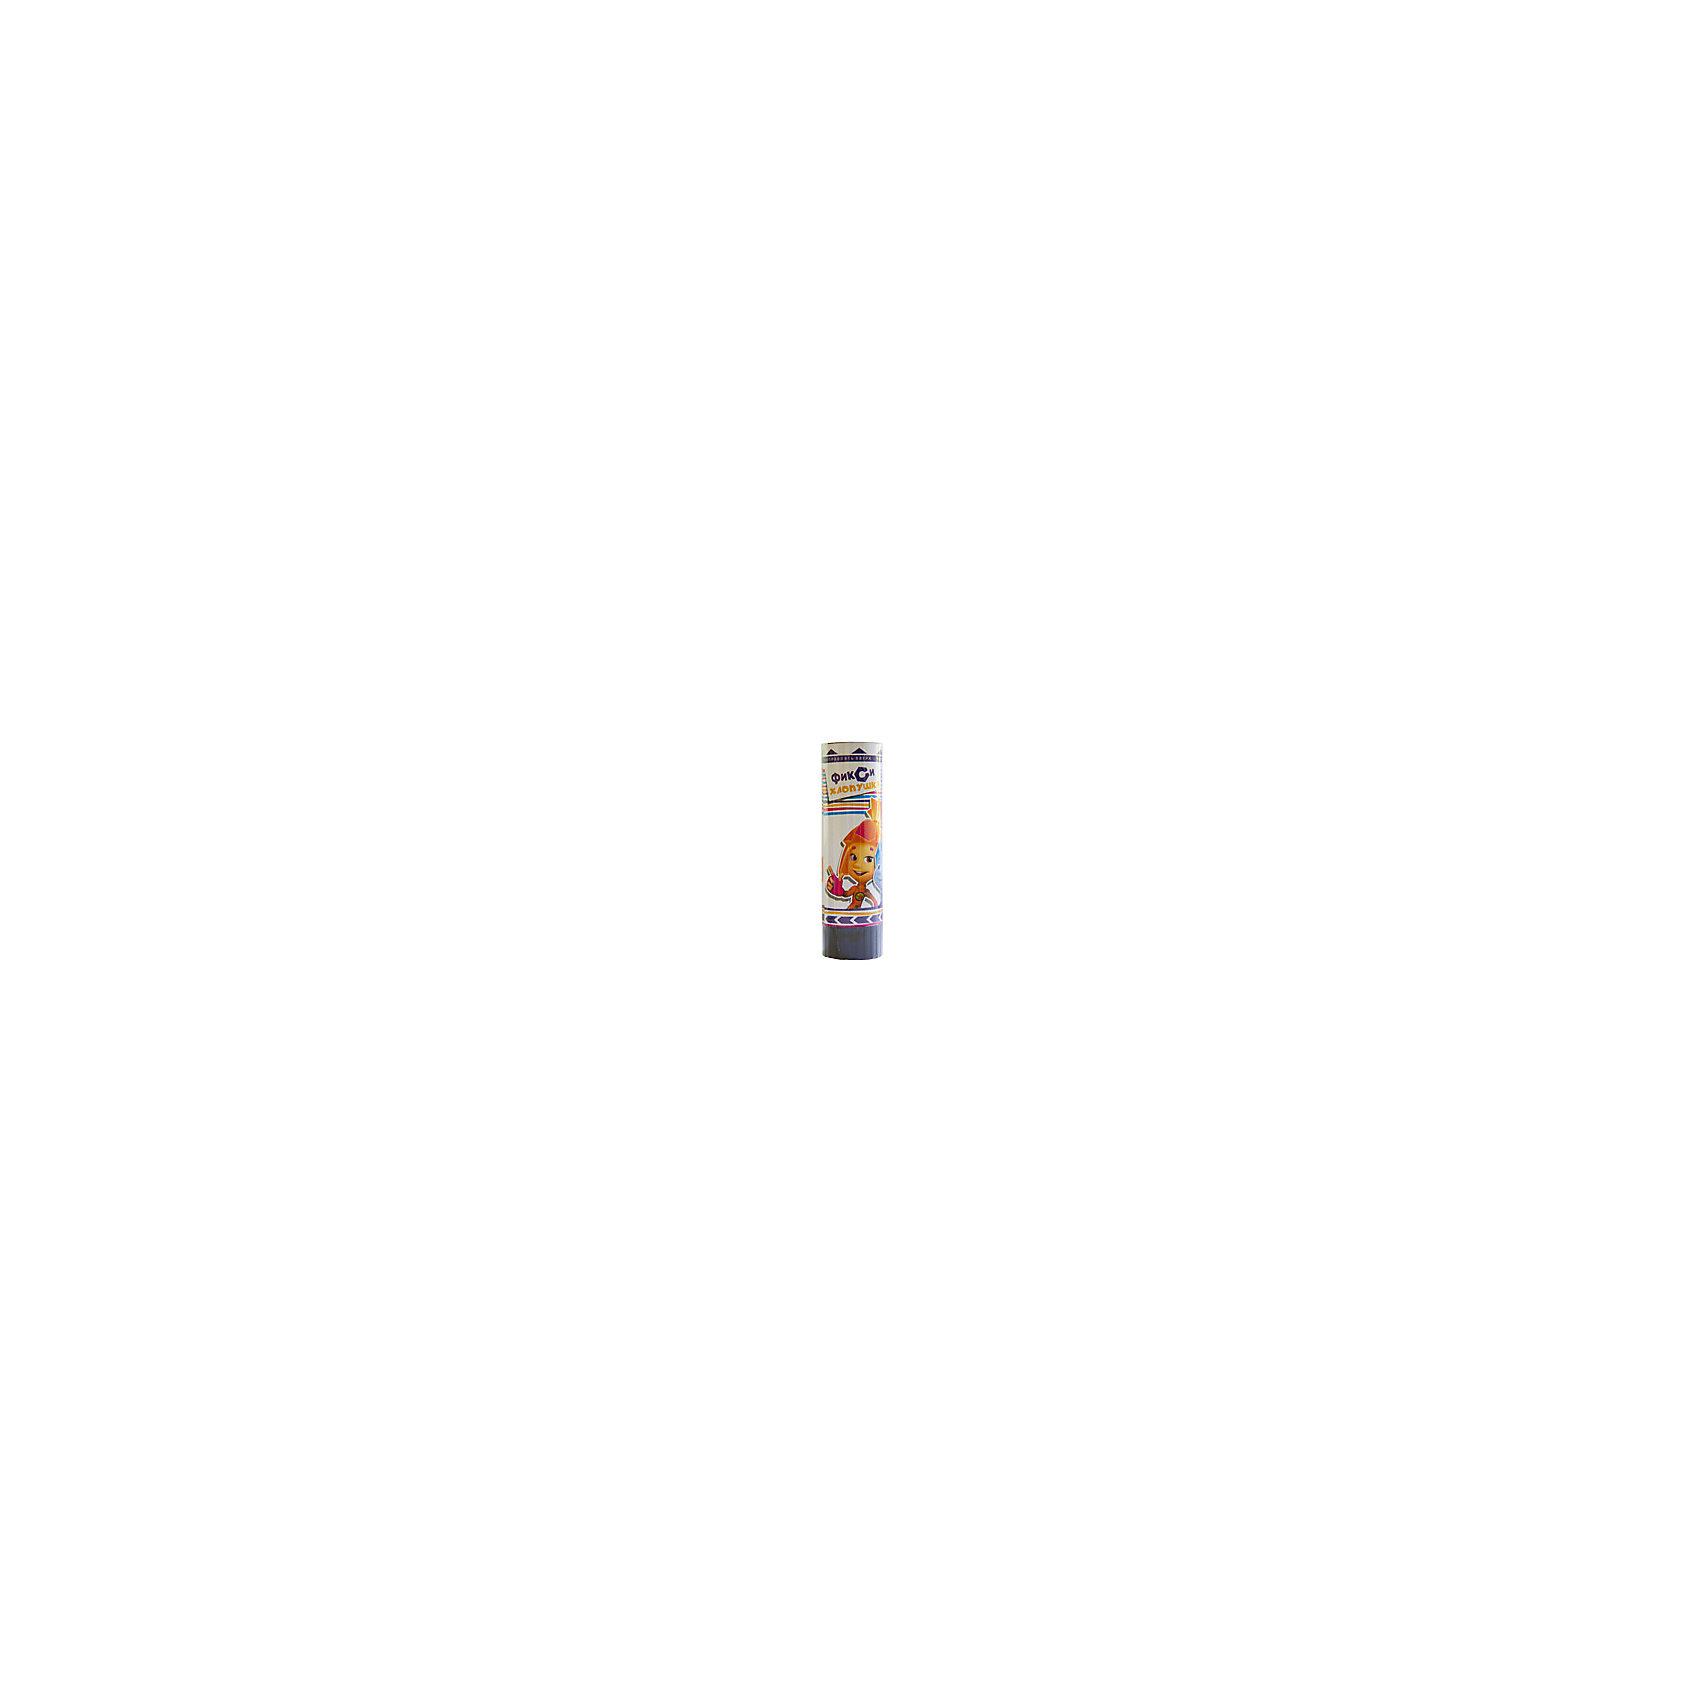 Хлопушка Фиксики, пружинная, 16 см., Веселая ЗатеяДетские хлопушки и бумфетти<br>Хлопушка Фиксики, пружинная, 16 см., Веселая Затея<br><br>Характеристики: <br><br>• Размер: 16 см<br>• Дальность выстрела: 2-3 метра<br>• Без использования огня<br><br>Эта хлопушка идеально подойдет для детского праздника – она безопасна (для ее активации не нужно использовать огонь) и имеет яркие картинки с изображениями любимых детьми персонажей. Она придаст праздничному дню разнообразие, порадует и удивит ваших детей. <br><br>Хлопушка Фиксики, пружинная, 16 см., Веселая Затея можно купить в нашем интернет-магазине.<br><br>Ширина мм: 275<br>Глубина мм: 160<br>Высота мм: 190<br>Вес г: 80<br>Возраст от месяцев: 60<br>Возраст до месяцев: 2147483647<br>Пол: Унисекс<br>Возраст: Детский<br>SKU: 5445461